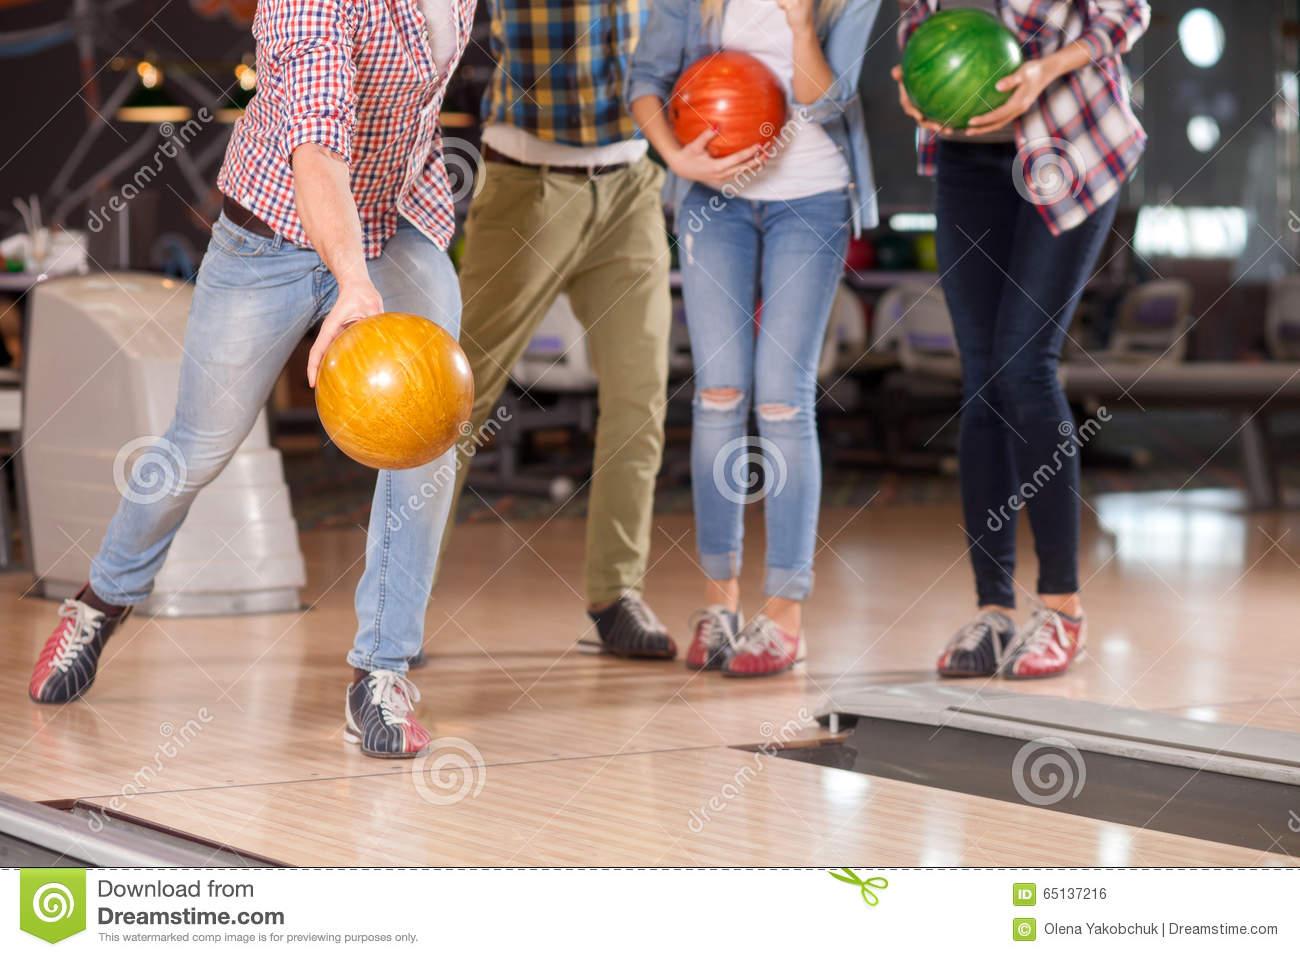 Los cuatro amigos lindos están jugando kegling juntos